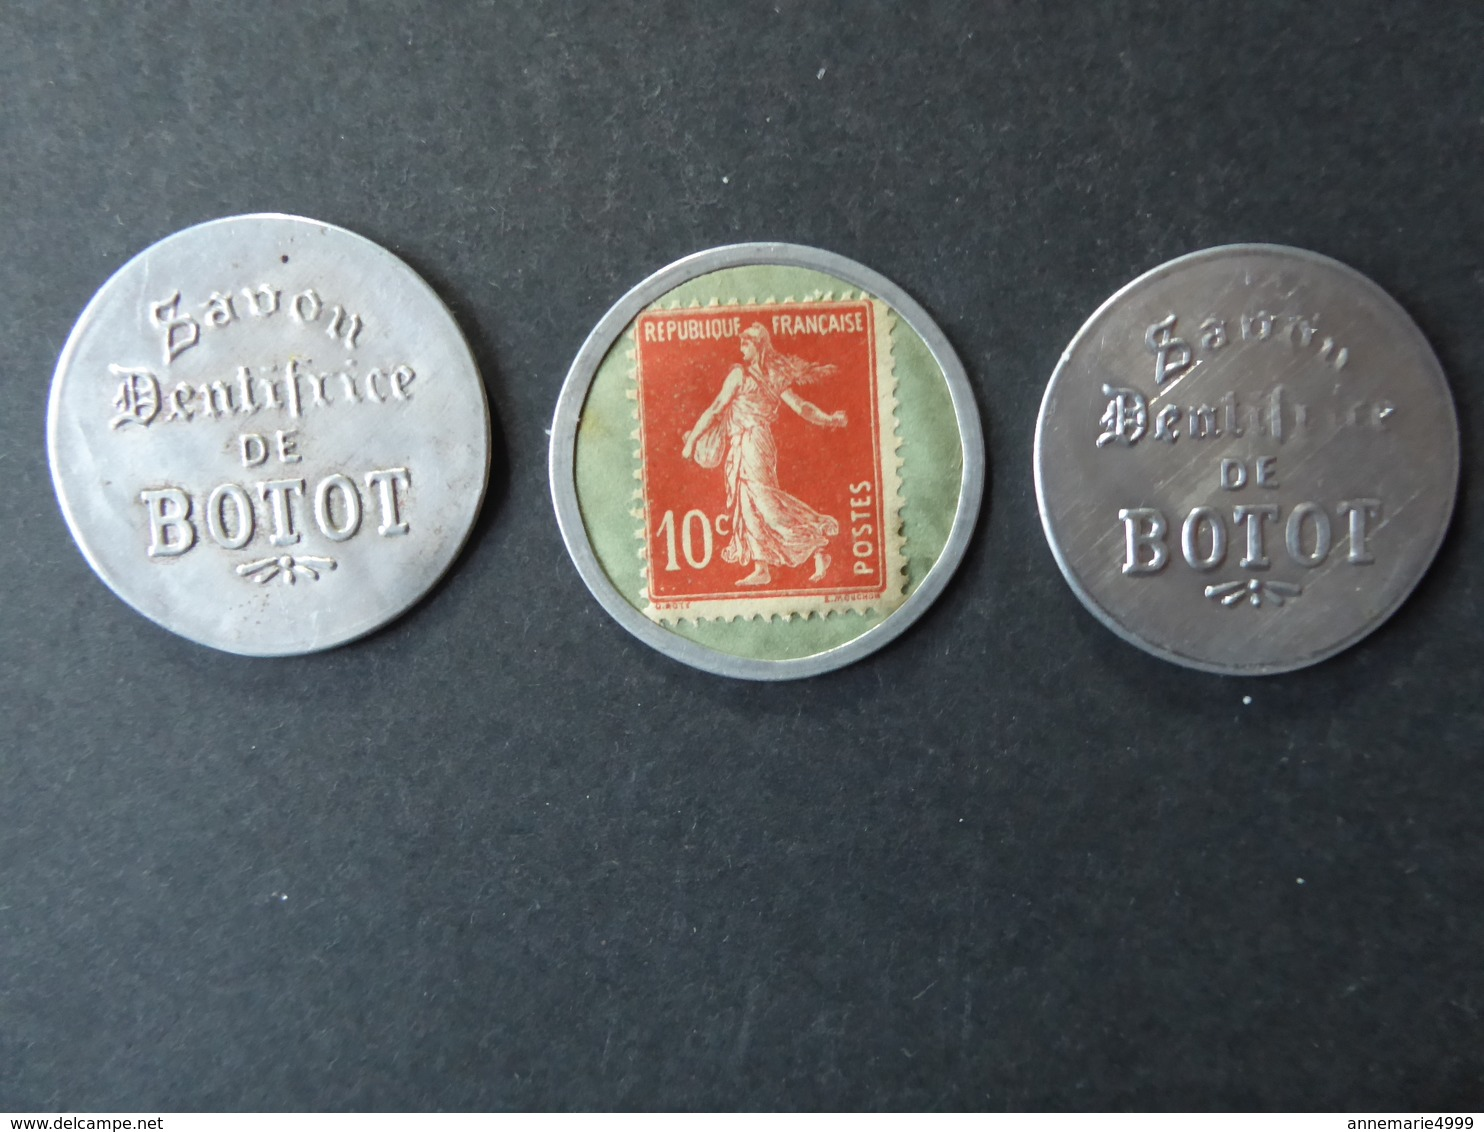 """FRANCE 3 Timbres-monnaie Différents """"Savon Dentifrice De Botot"""" VOIR COMMENTAIRE, Kapselgeld, Encased Postage. - Advertising"""